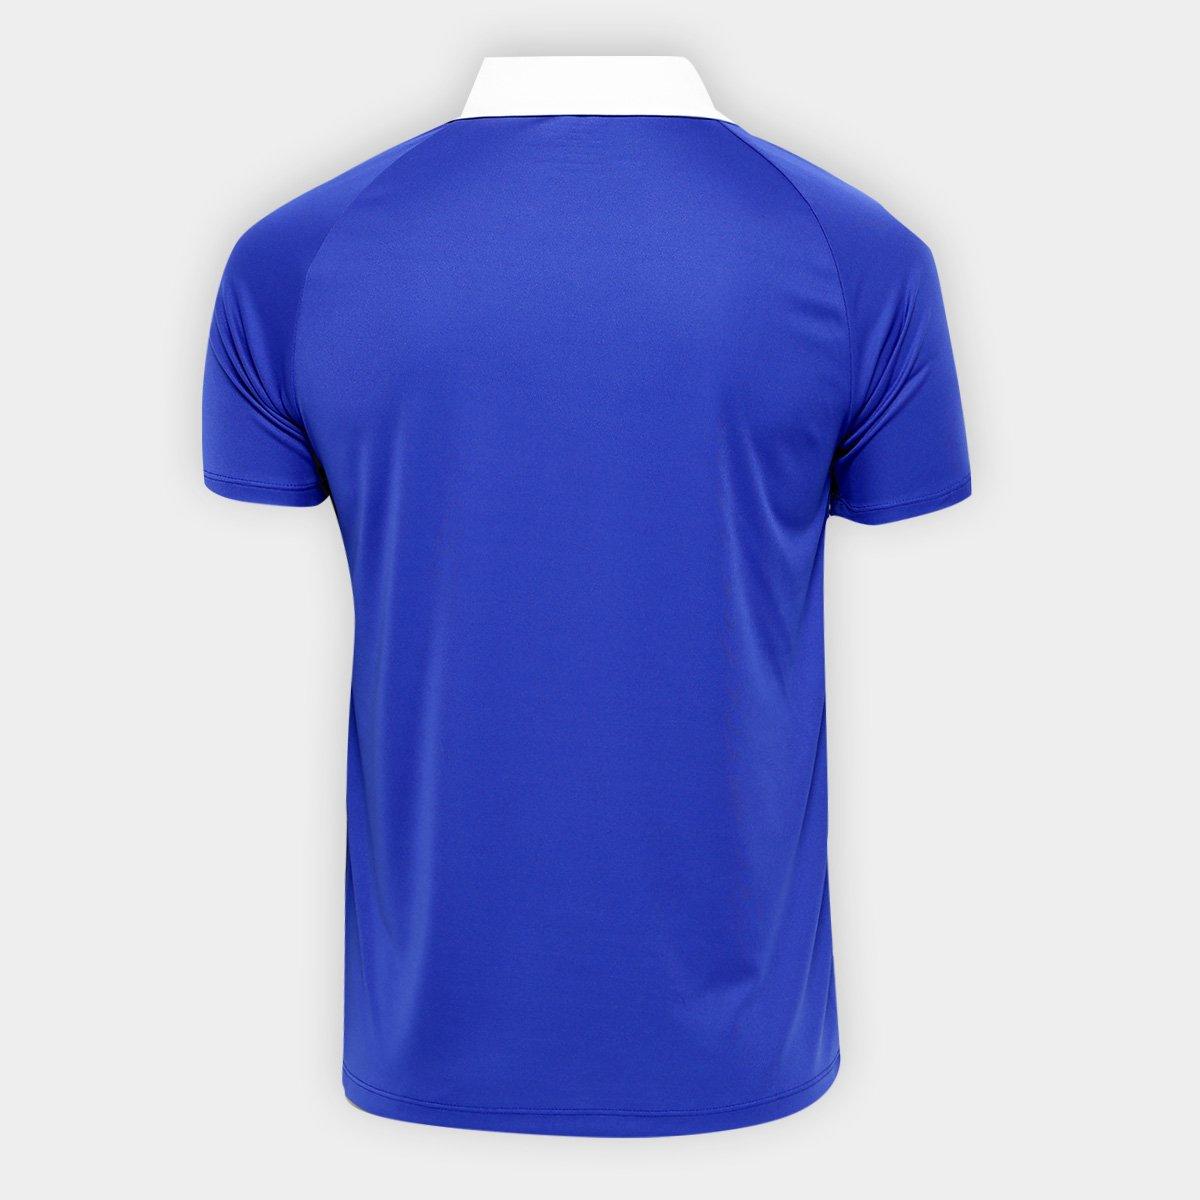 c60bd197a5 Camisa Cruzeiro 1997 s n° Masculina - Azul - Compre Agora